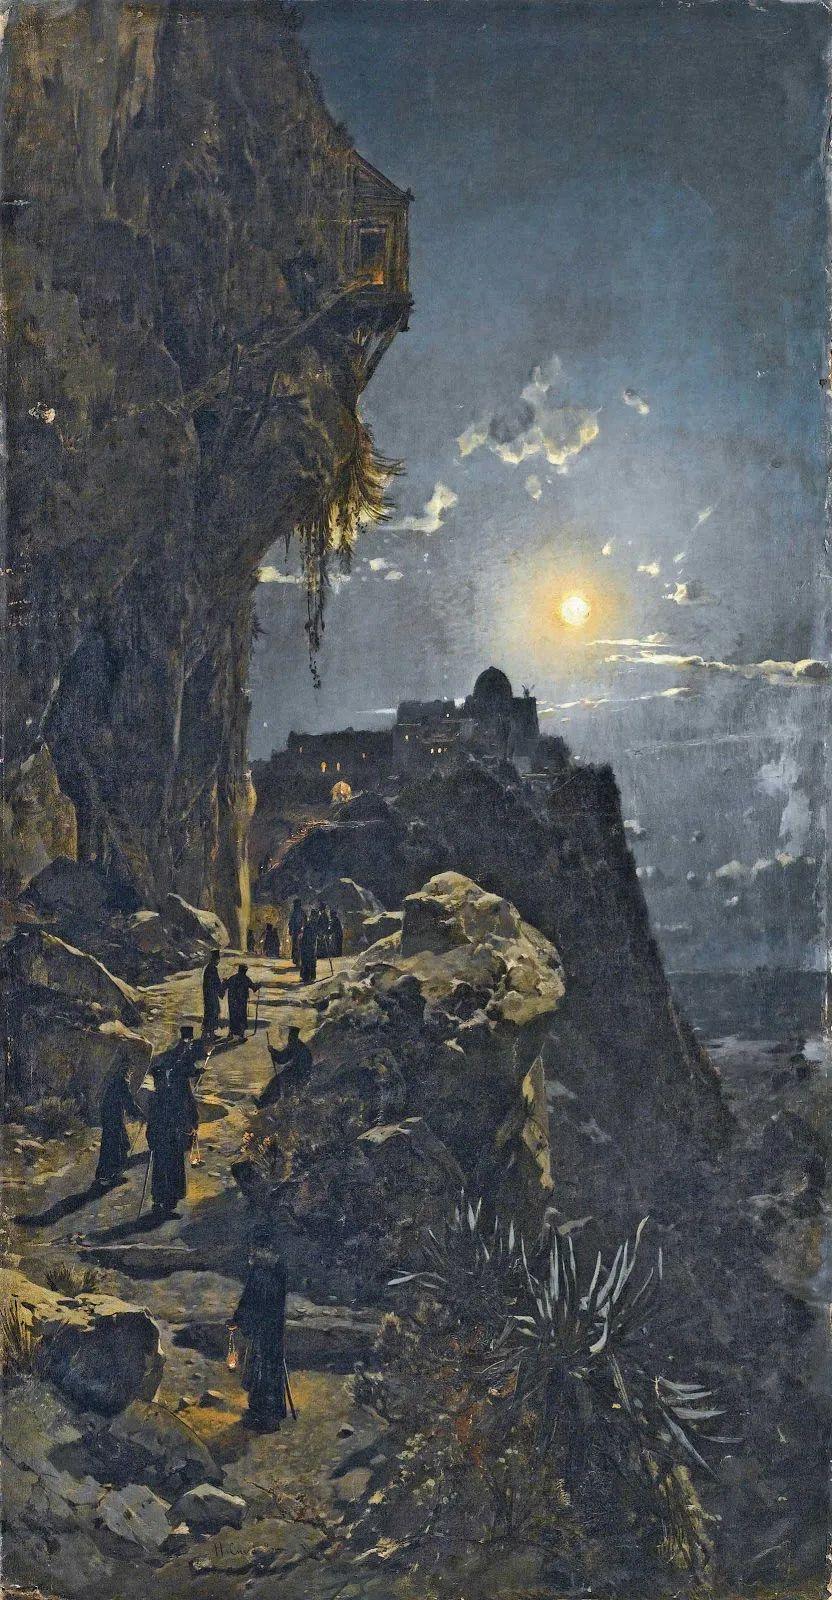 百年前的巨幅风景画,恢弘壮丽!插图153